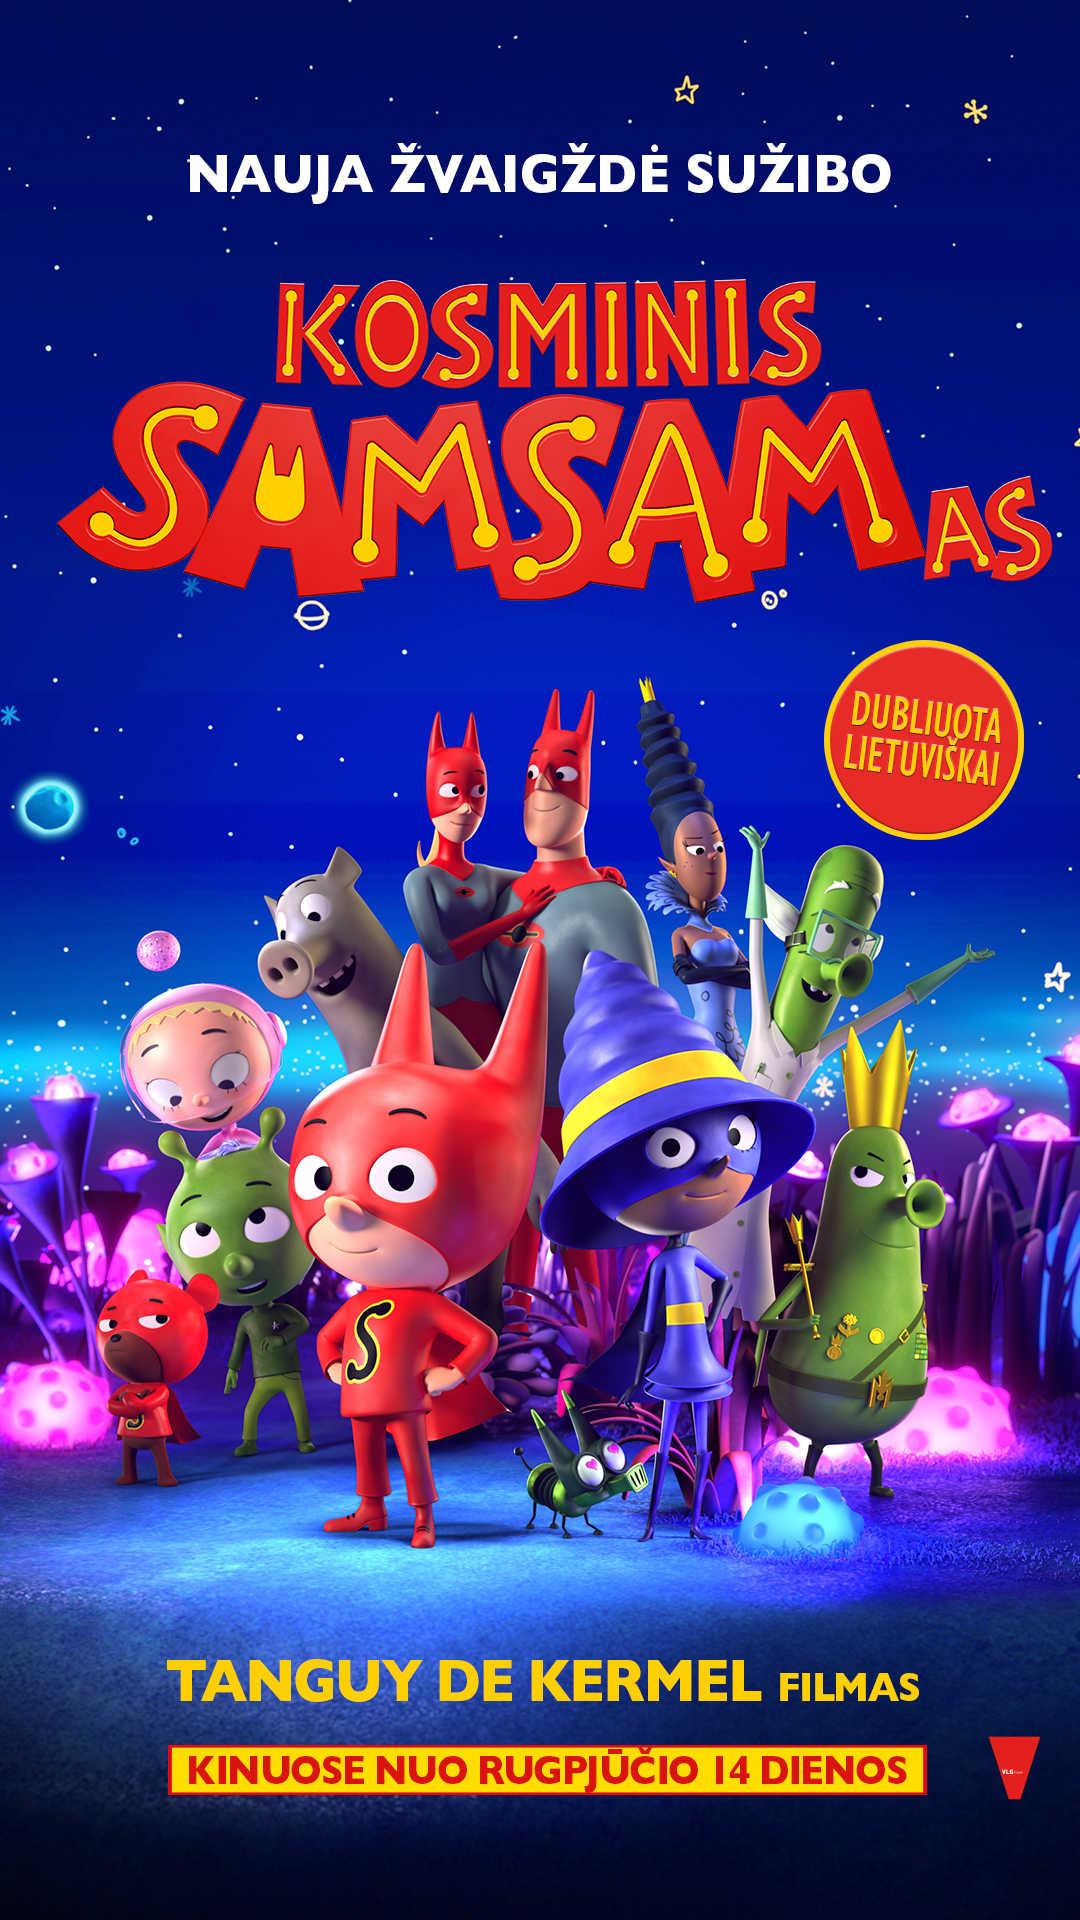 KOSMINIS SAMSAMAS (SamSam)